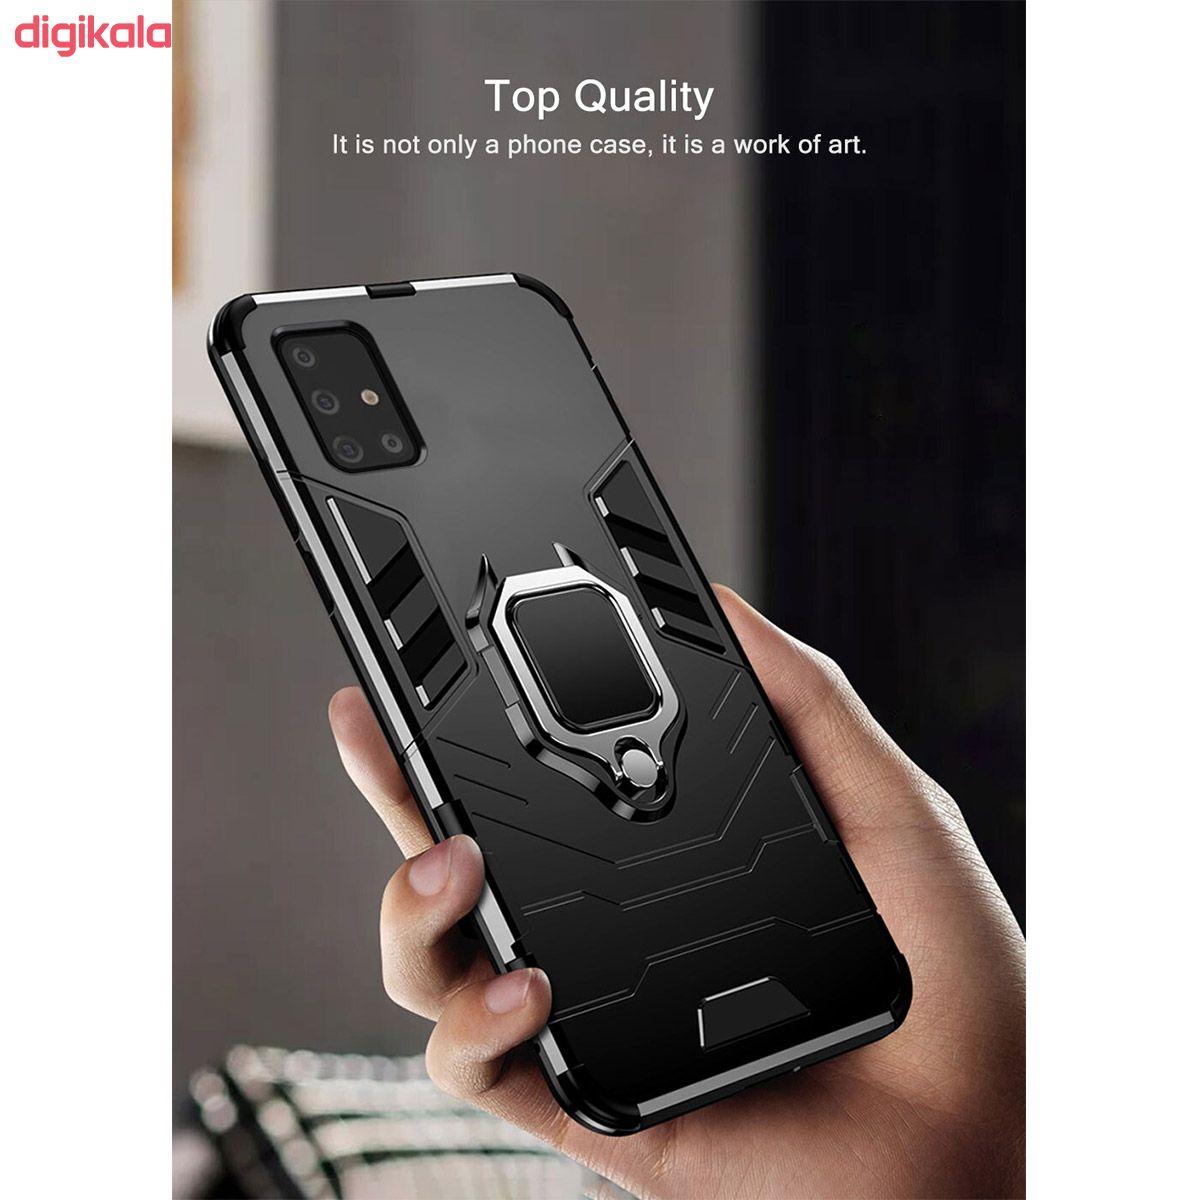 کاور سامورایی مدل ARC-2020 مناسب برای گوشی موبایل سامسونگ Galaxy A71 main 1 7